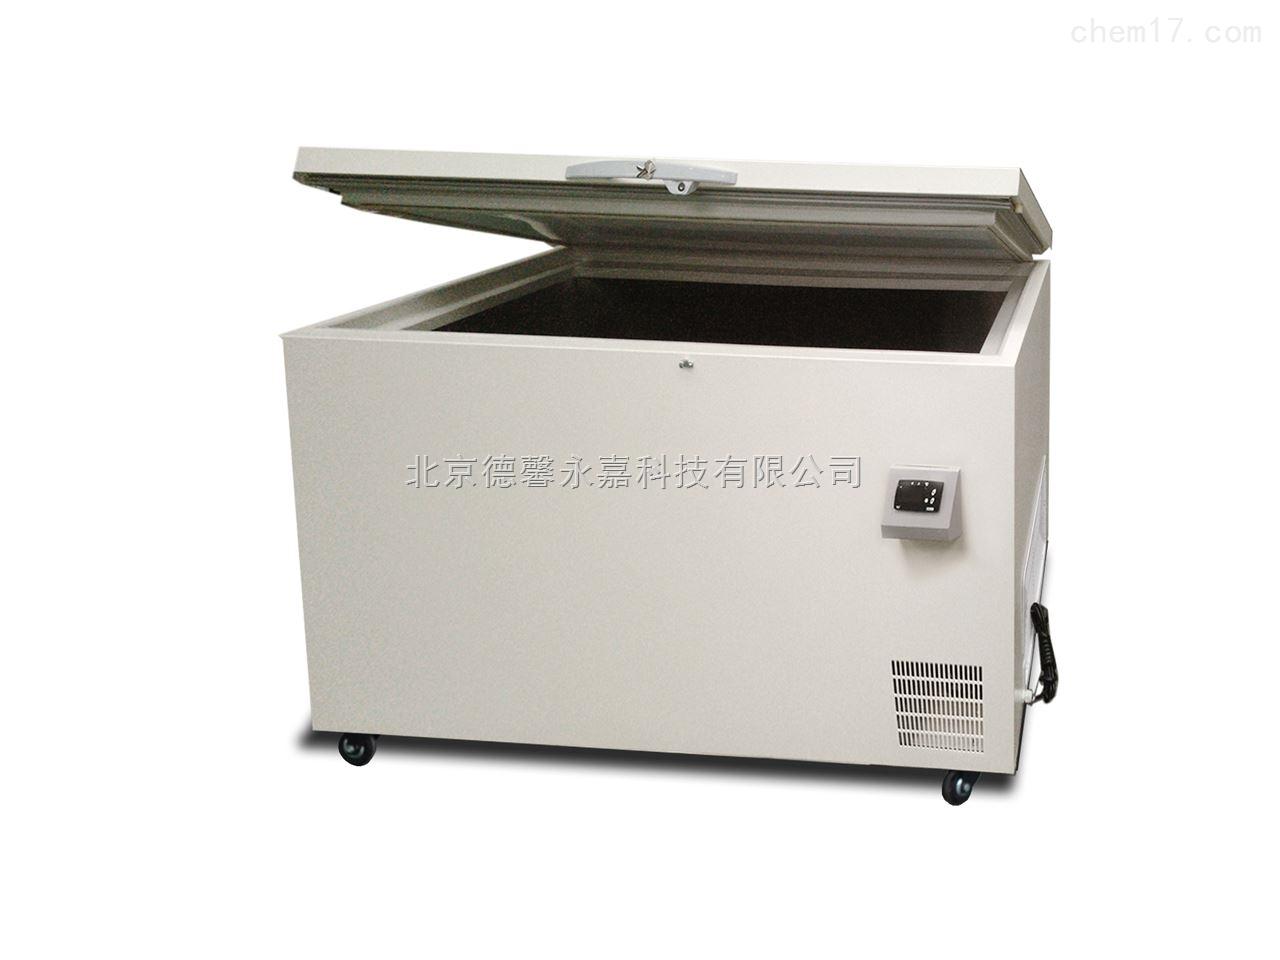 零下60度卧式低温冰柜金枪鱼专用保鲜冰柜